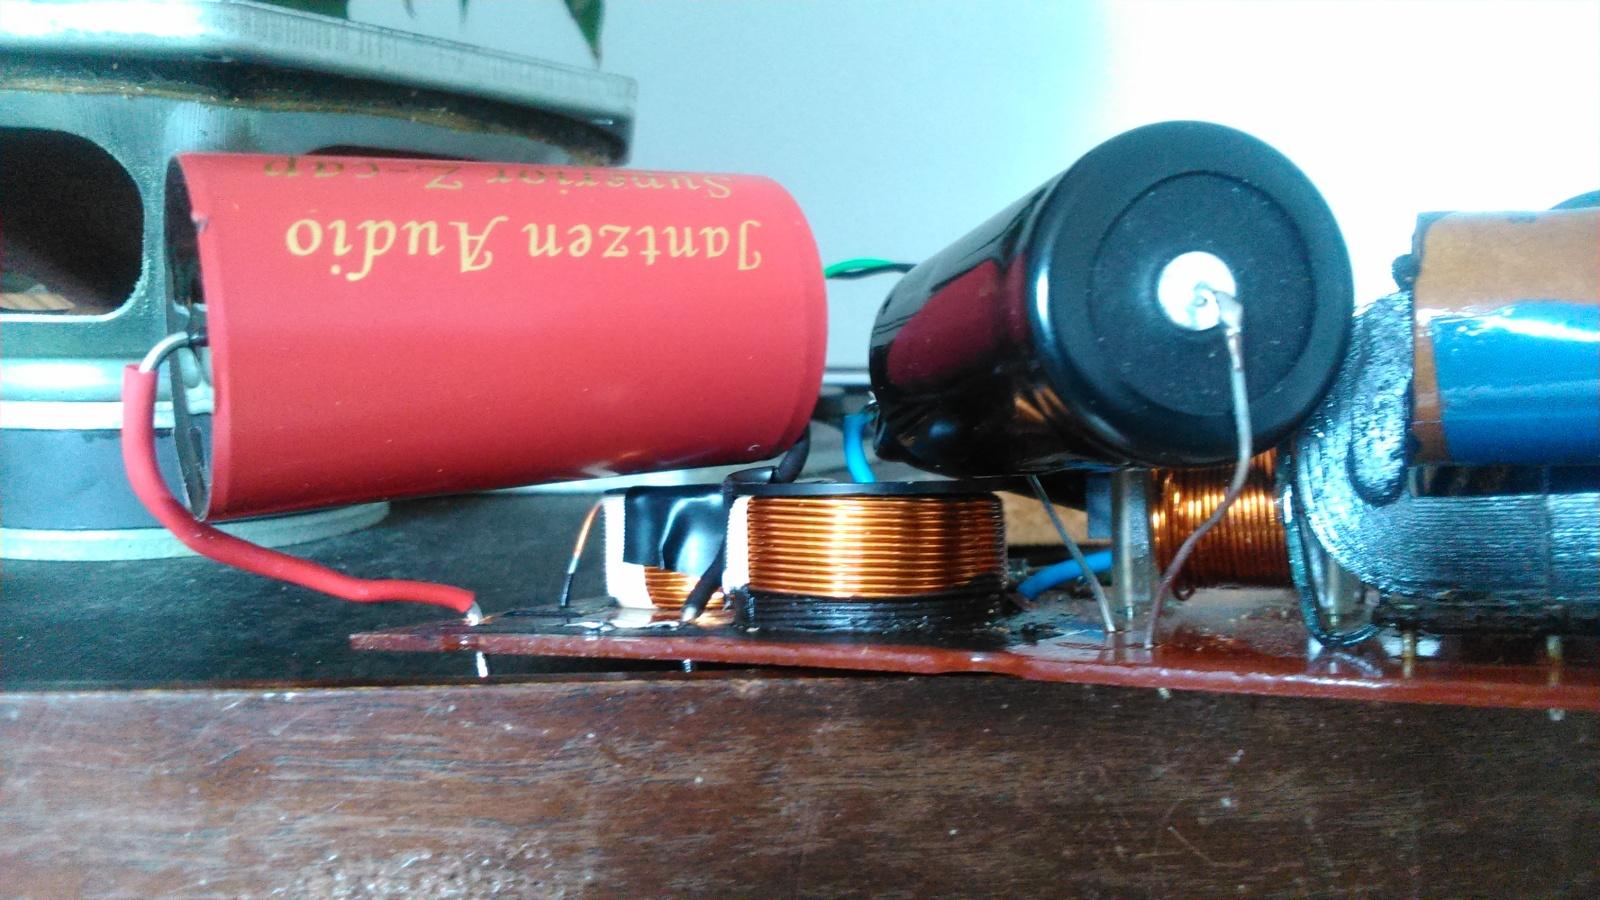 Jantzen Superior Z-Cap instalados...Primeras impresiones...tiempo de rodaje? A0fpq9